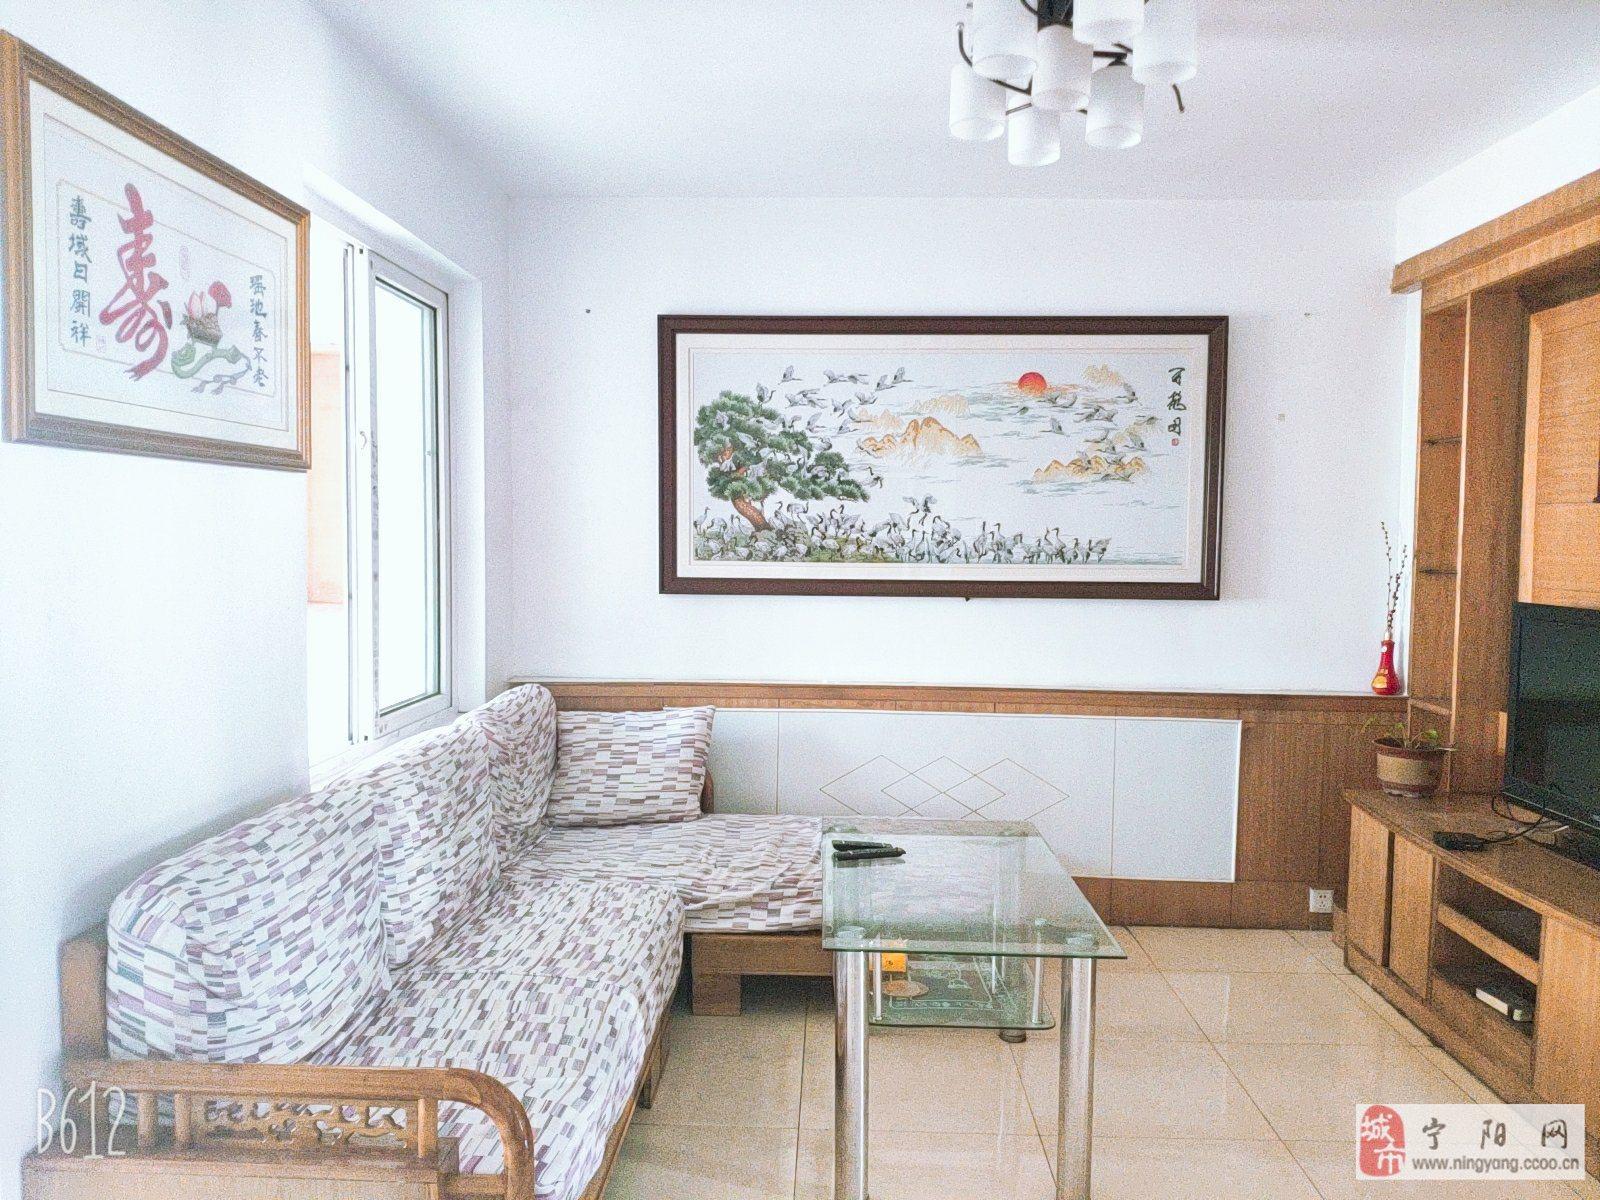 宁馨园小区,两室可改三室,南北通透户型,看房方便